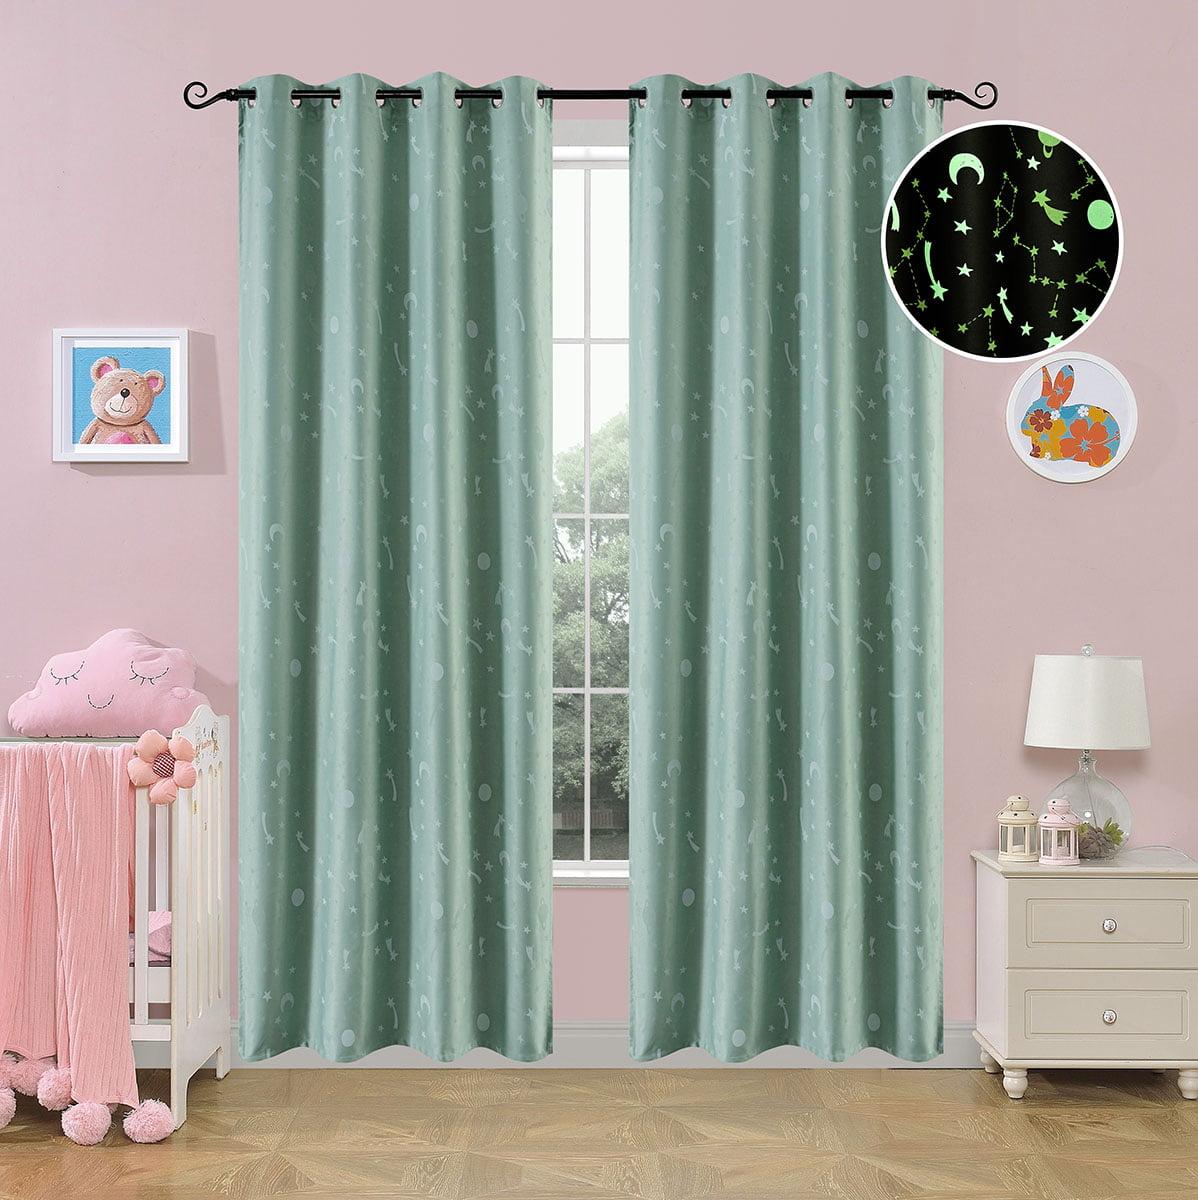 Κουρτίνα φωσφορίζουσα με 8 κρίκους Art 6140 μέντα  140x260 Μέντα Beauty Home